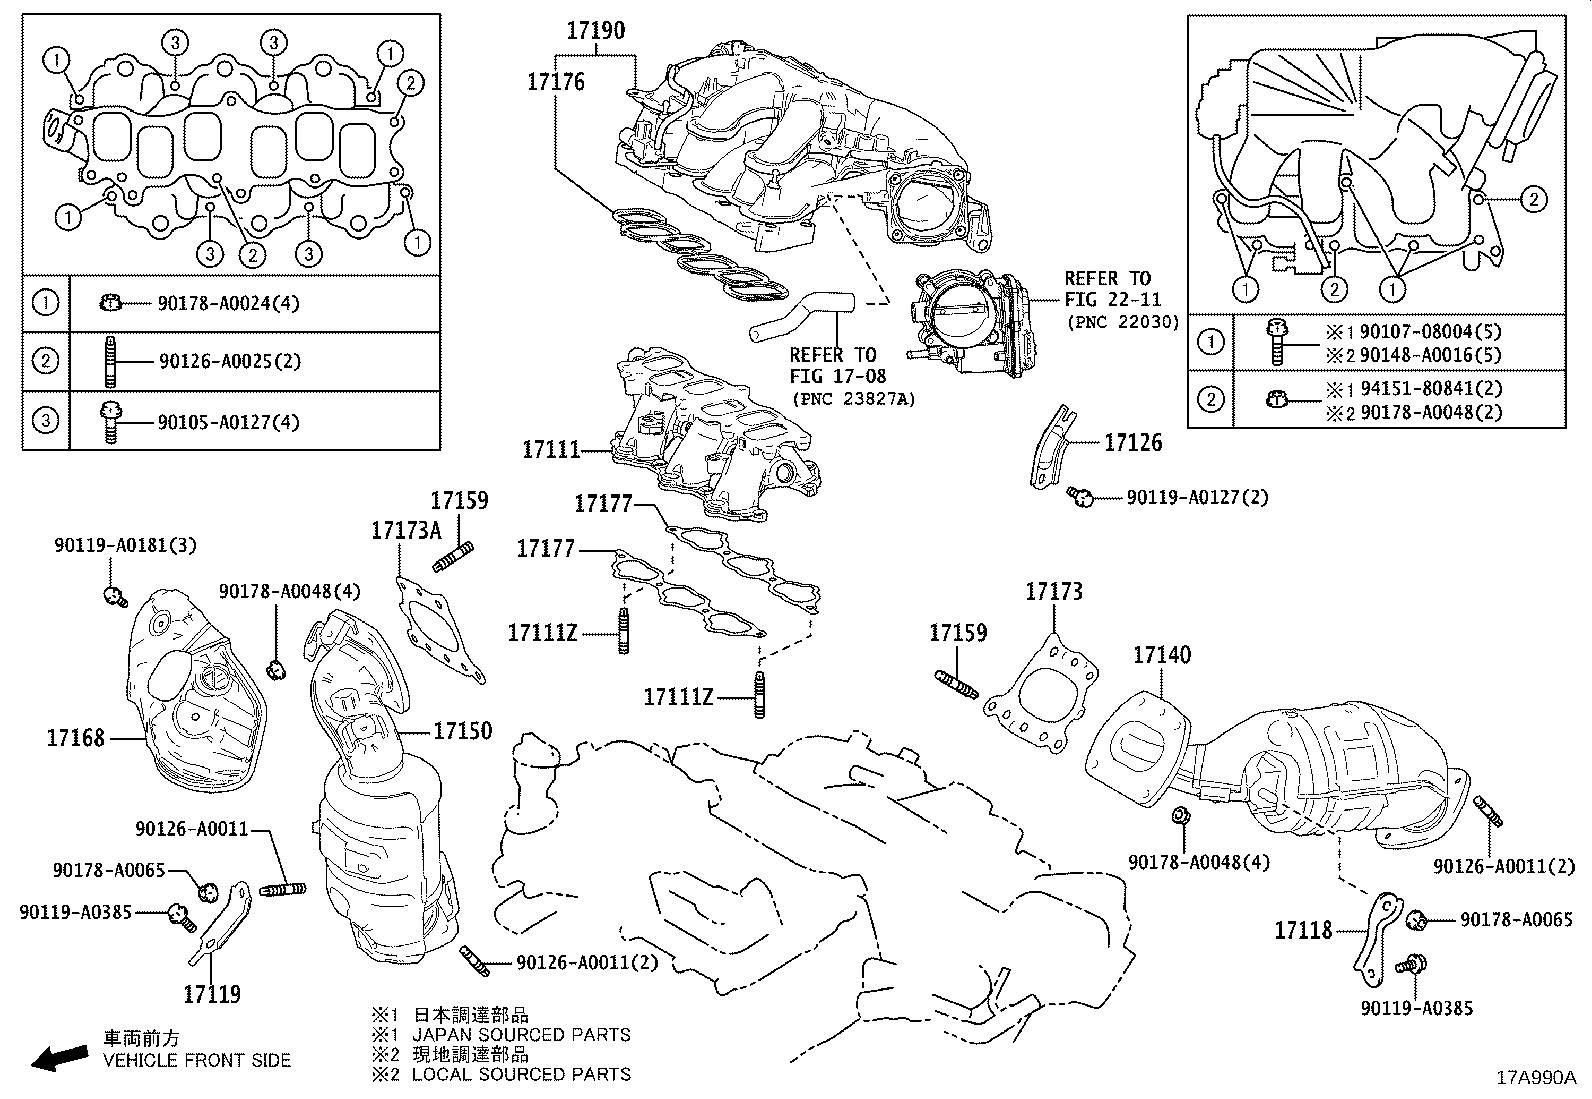 Toyota Highlander Gasket Air Surge Tank To Intake